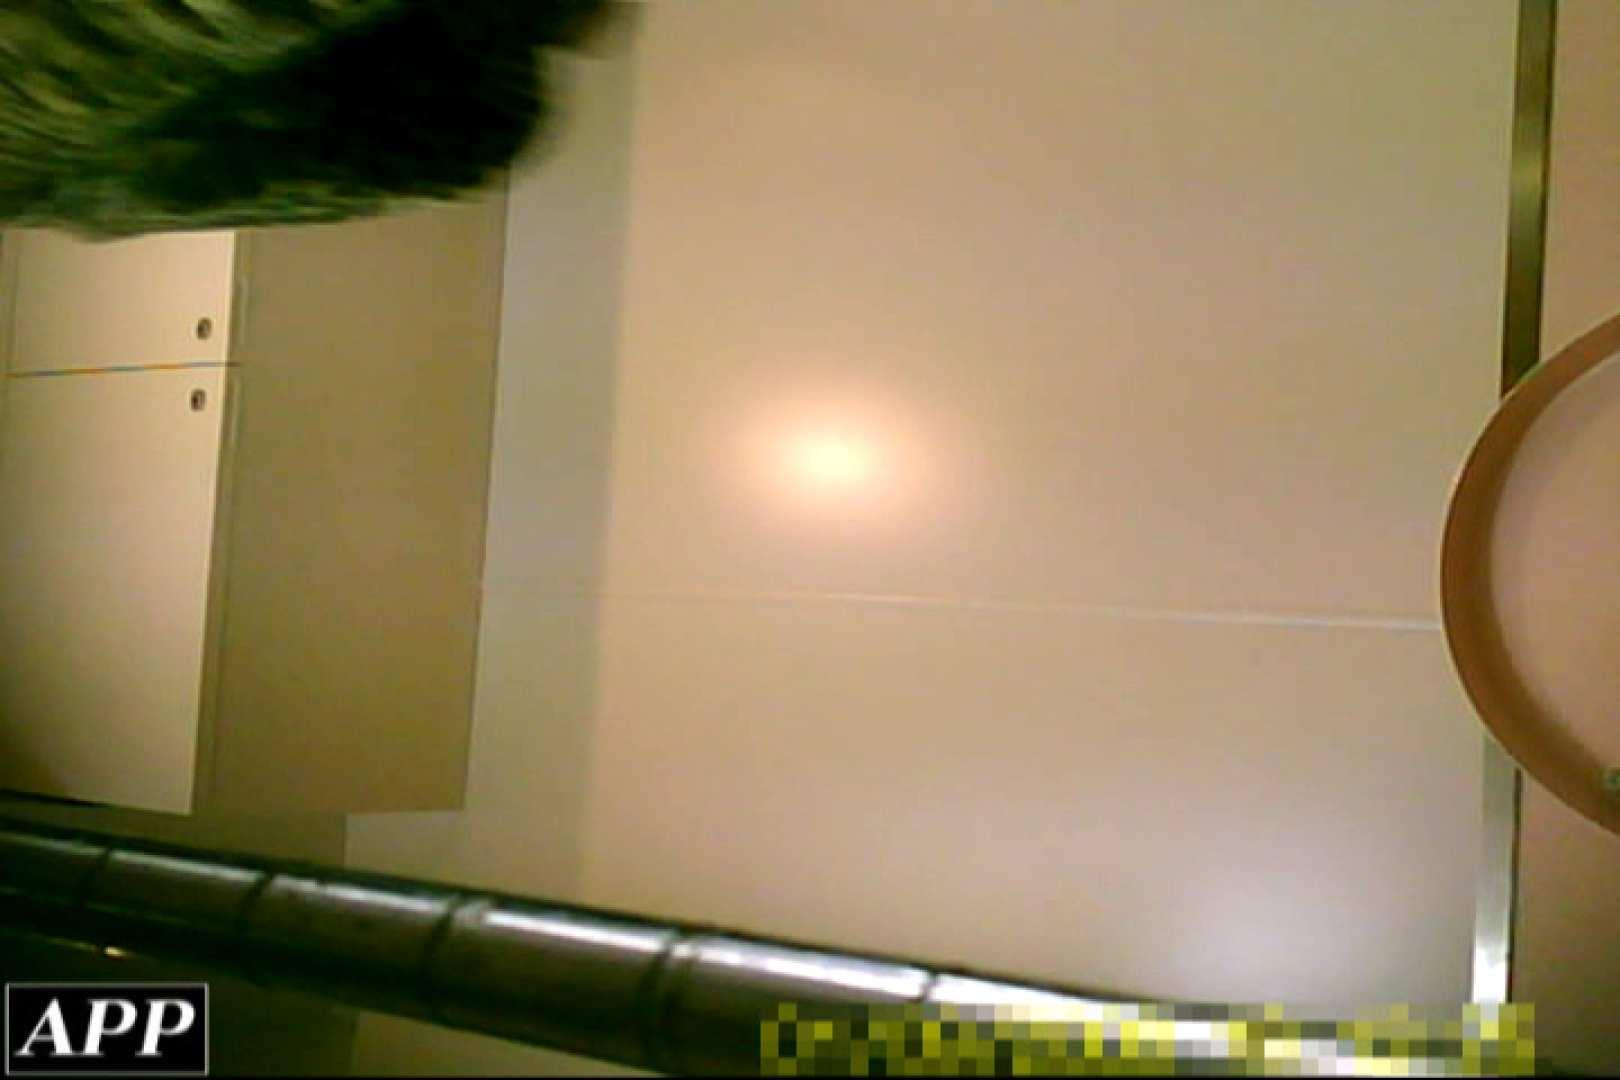 3視点洗面所 vol.37 オマンコ・ぱっくり セックス無修正動画無料 102画像 82